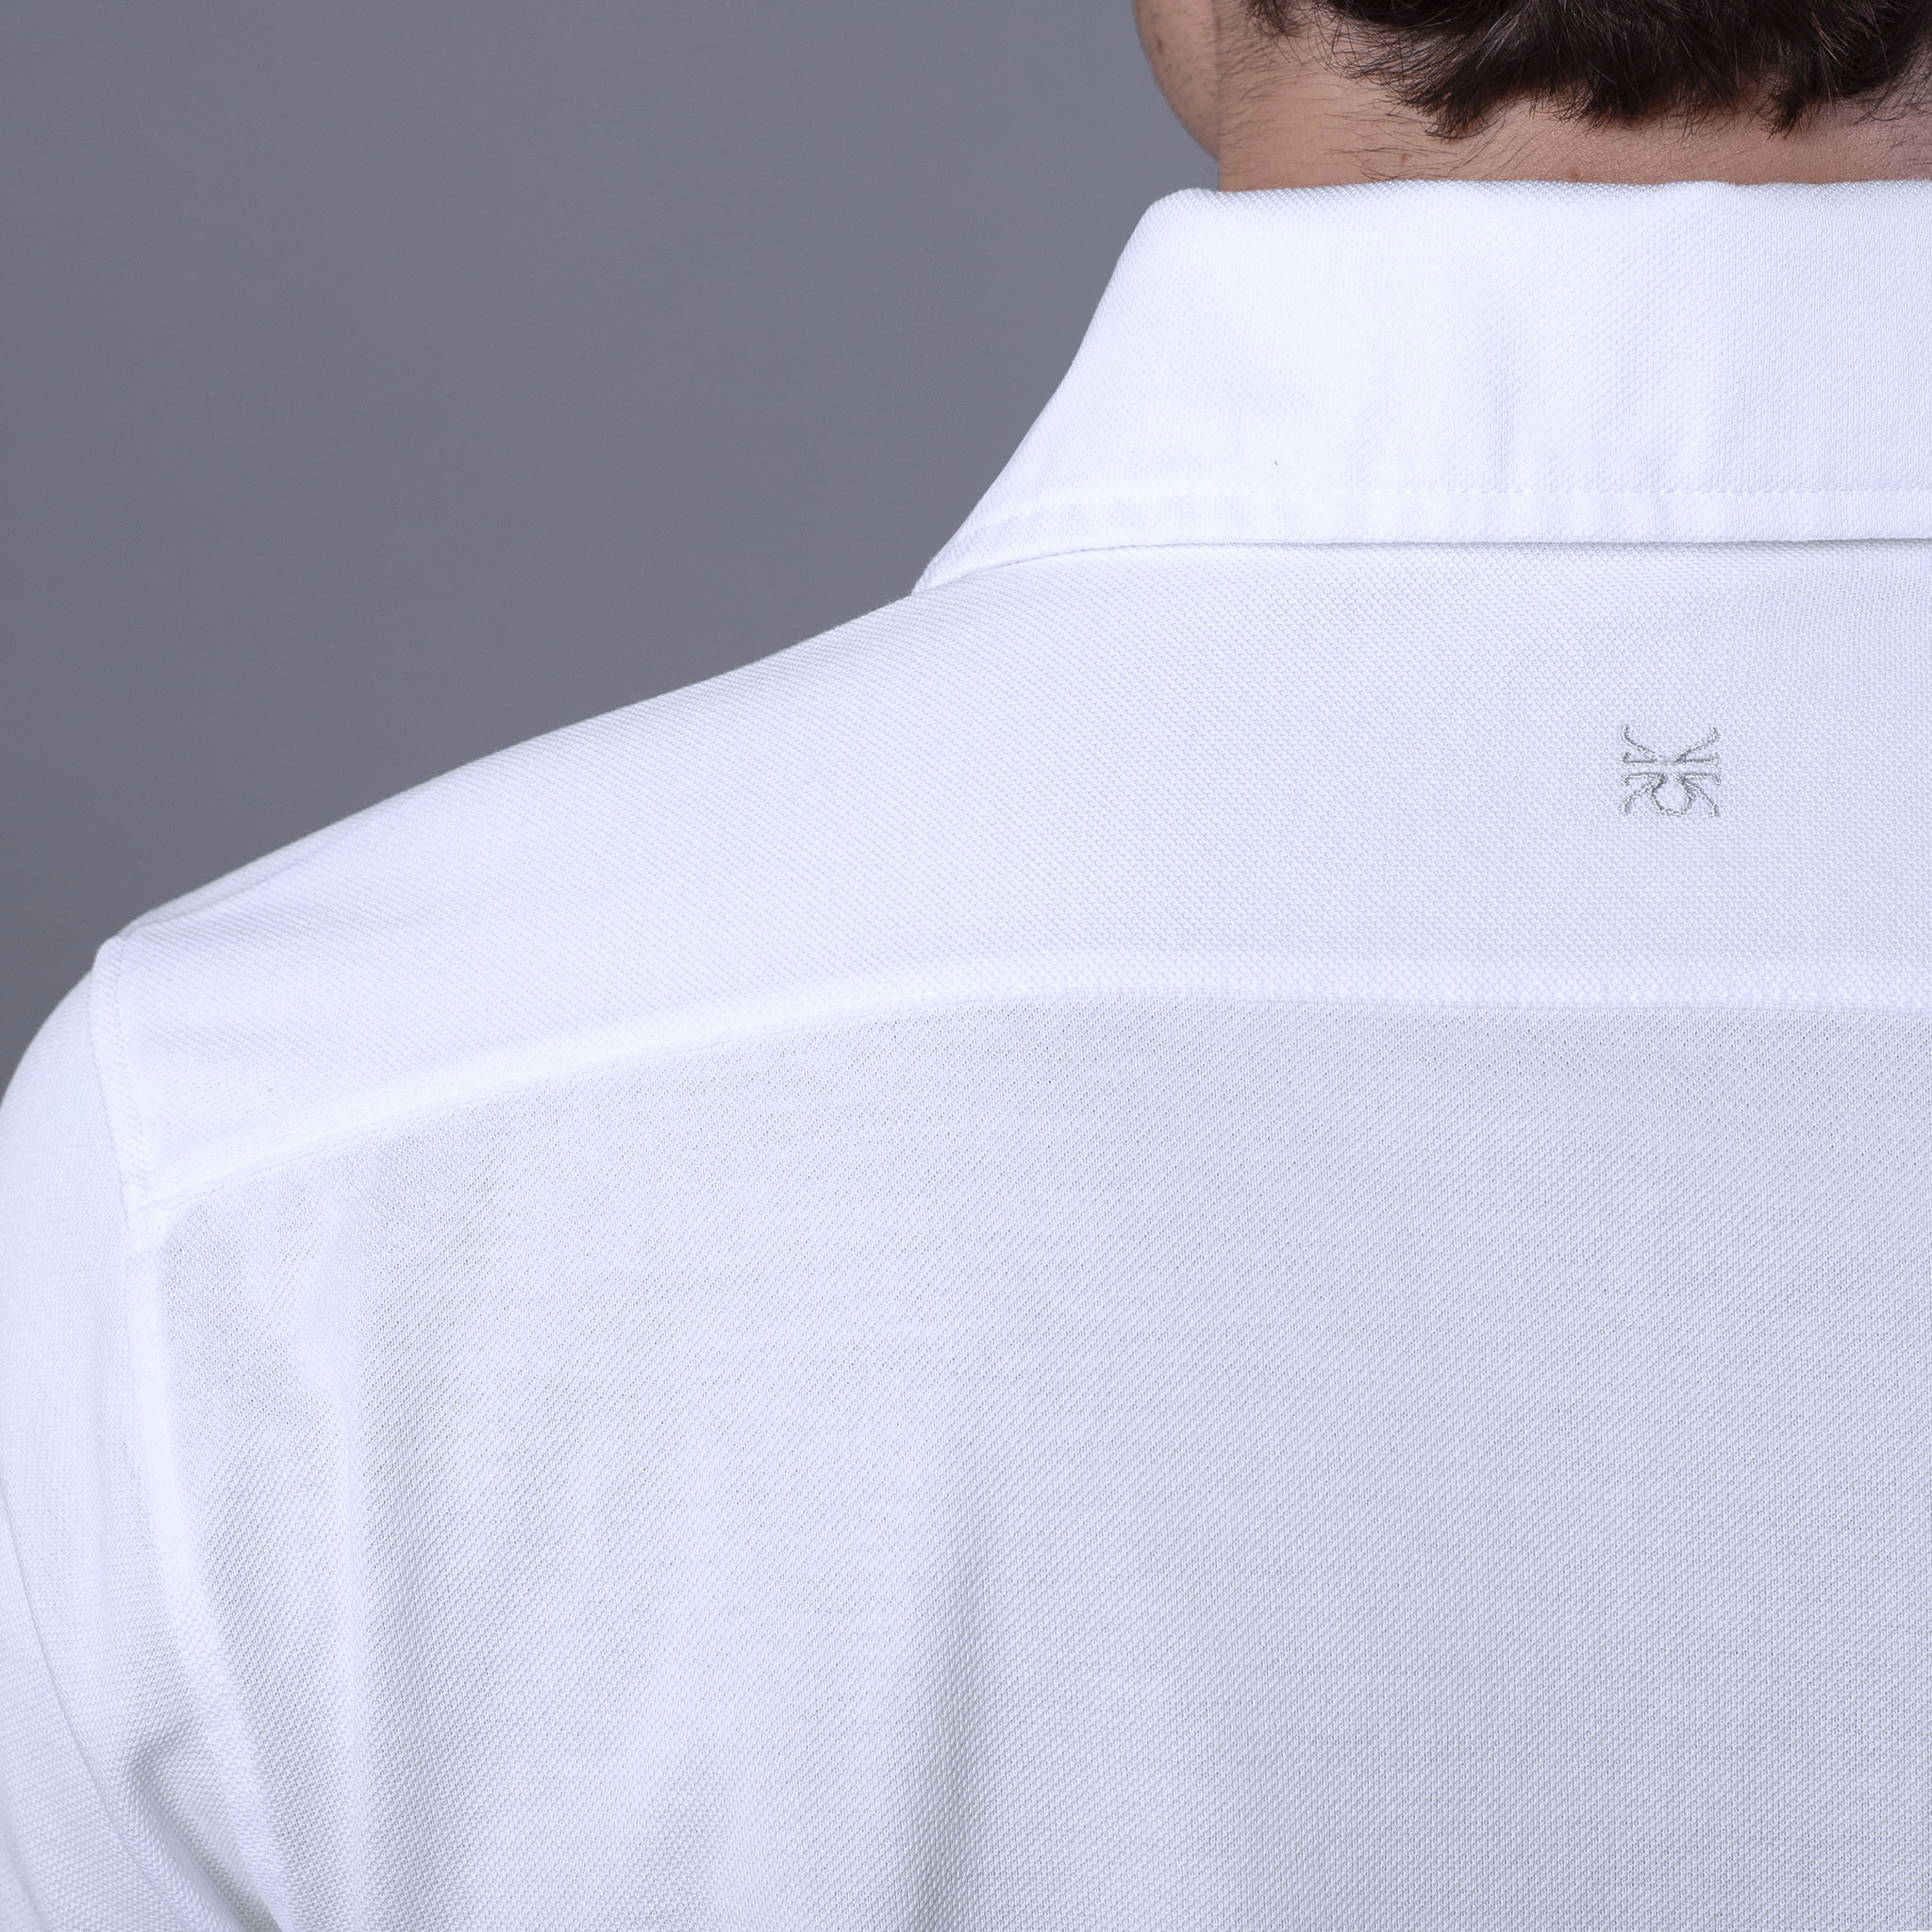 POLO Short Sleeve · 0645 The Seëlk 5